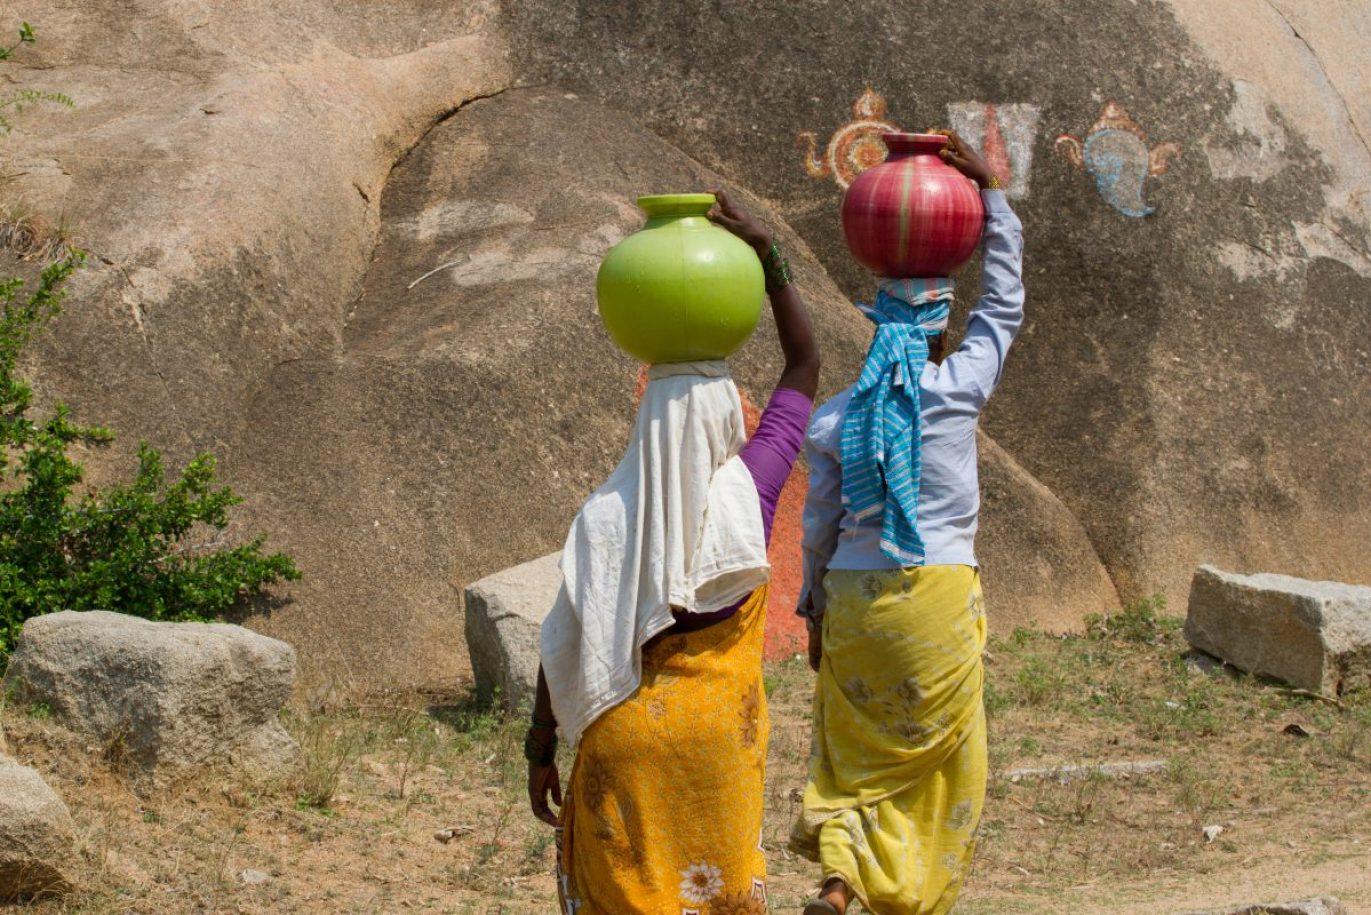 Two Indian women collect water for use in clay pots. Image credit: РікÑ'Ð¾Ñ€Ñ Ð†Ð²Ð°Ð½ÐµÑ†ÑŒ / 123rf